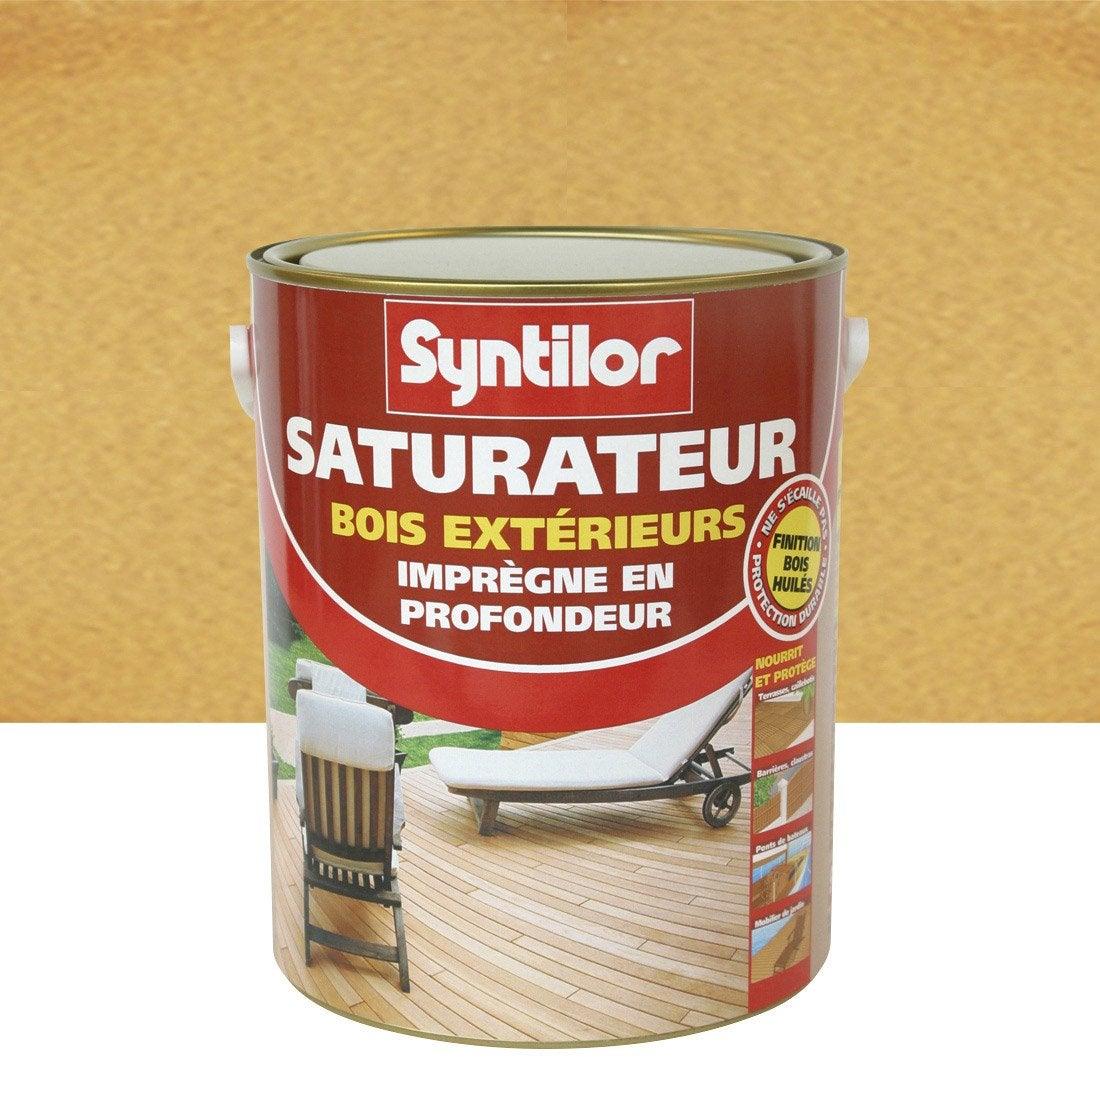 saturateur bois syntilor incolore aspect mat 2 5 l. Black Bedroom Furniture Sets. Home Design Ideas